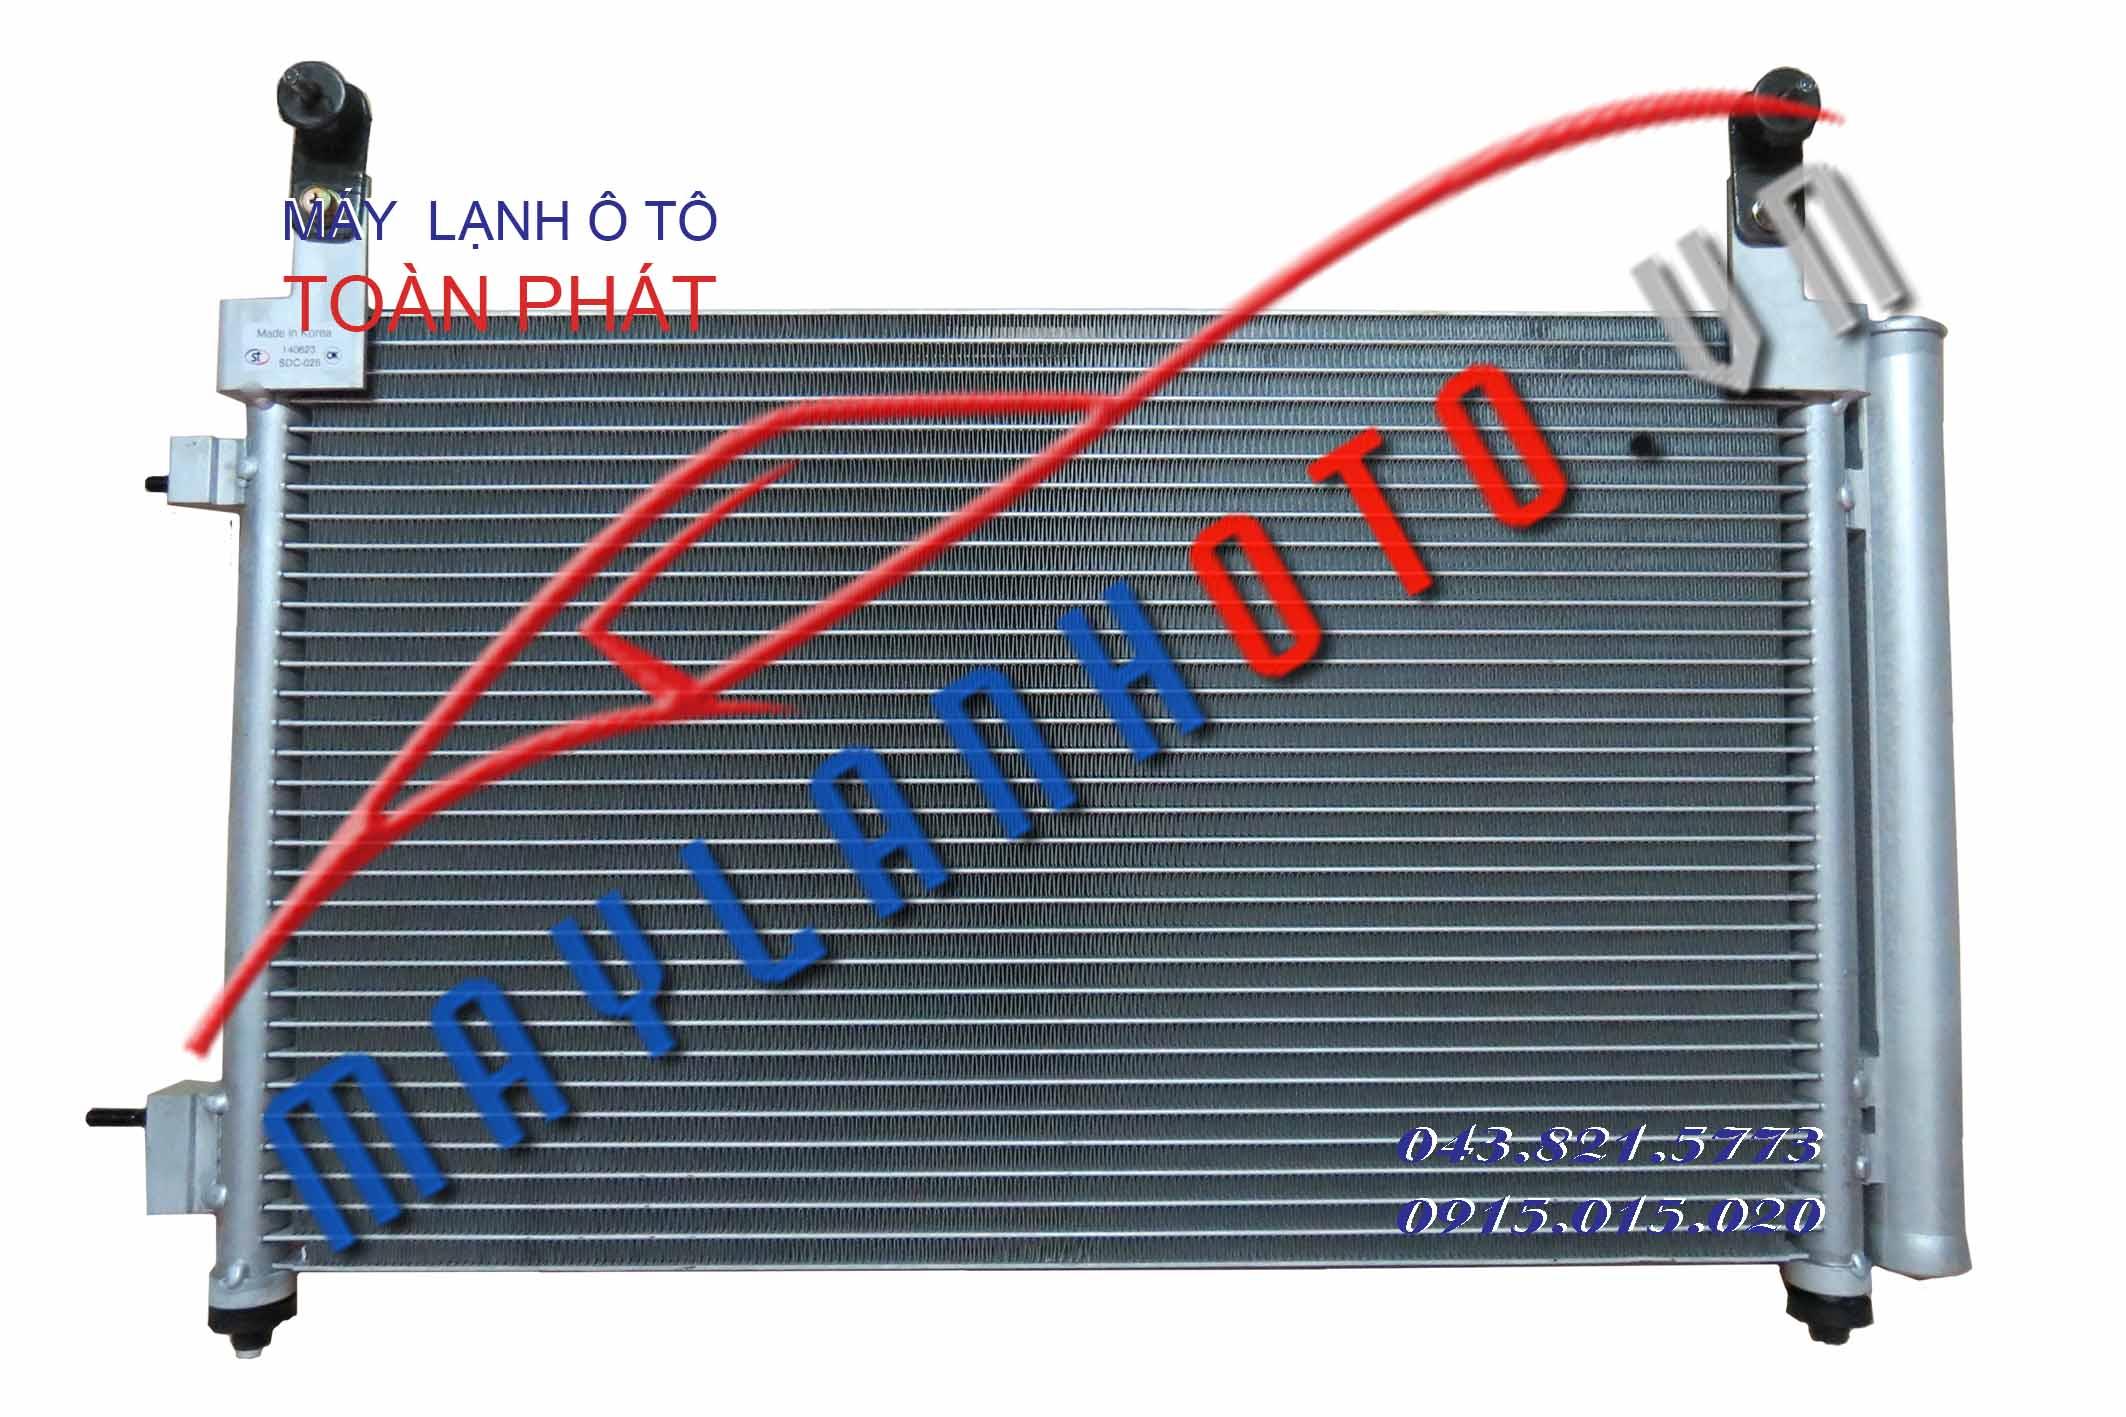 Matiz III - Chevrolet Spark / Giàn nóng điều hòa Daewoo Matiz 3 / Dàn nóng điều hòa Daewoo Matiz 3